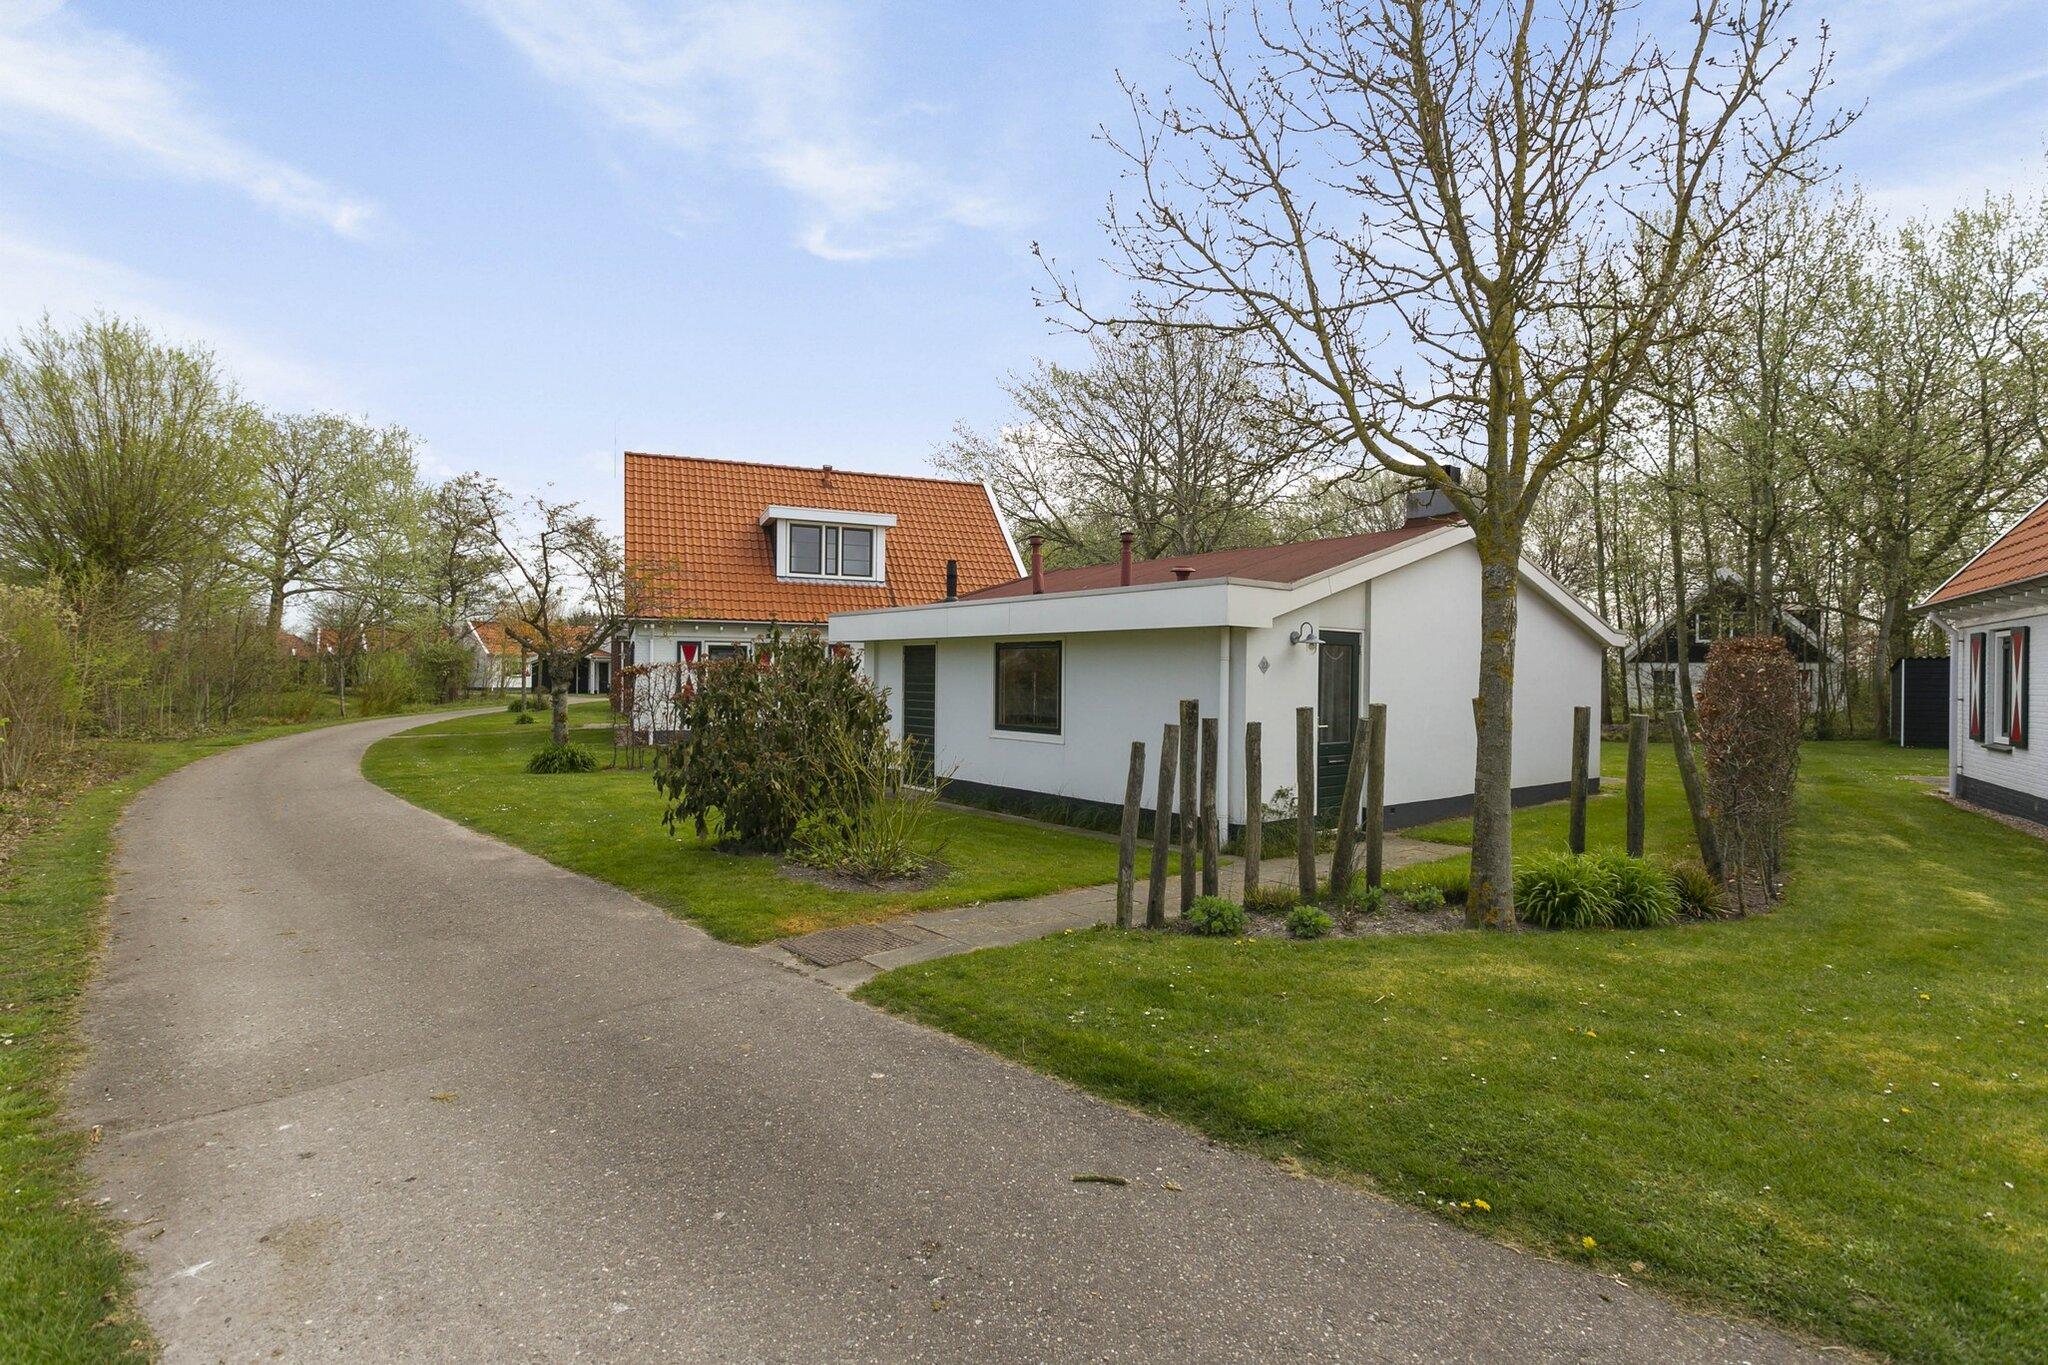 Burgh-Haamstede – Daleboutsweg 4-22